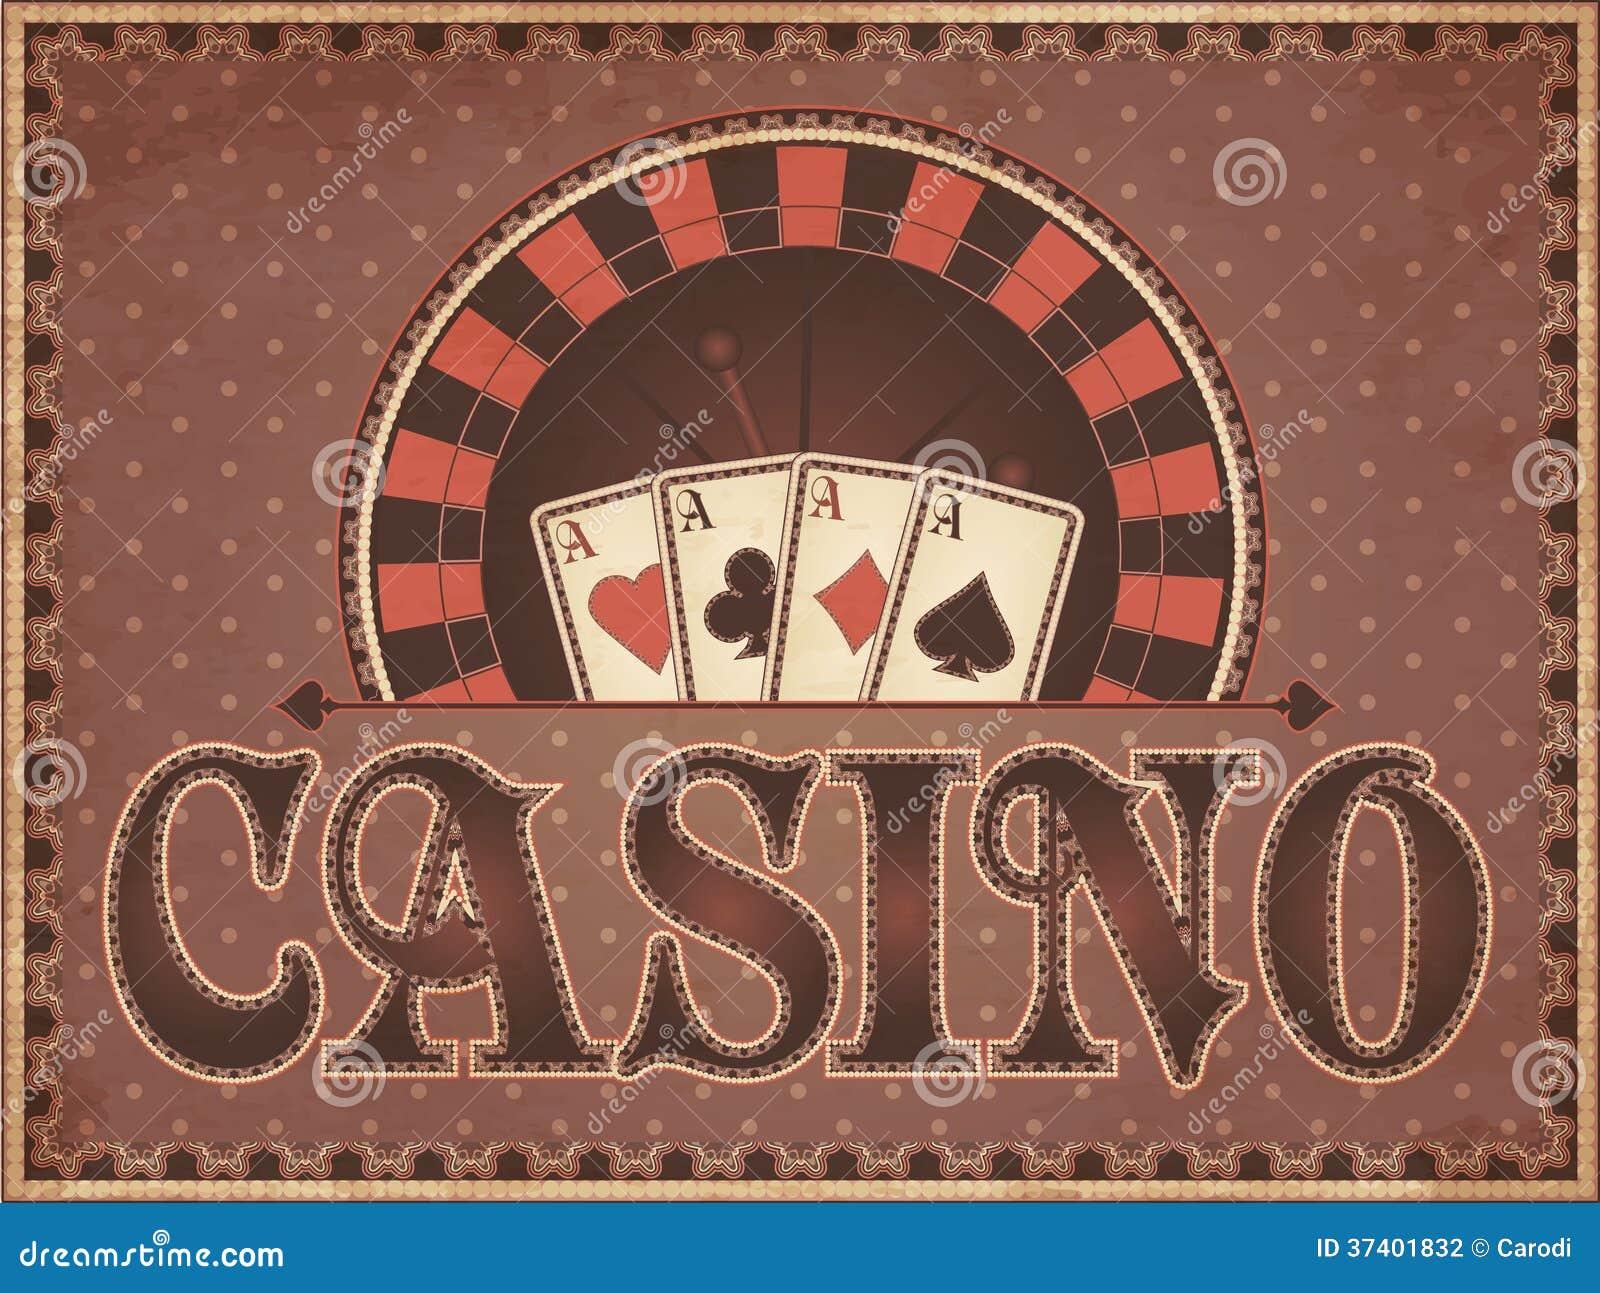 Vintage casino carmen cicalese gambling